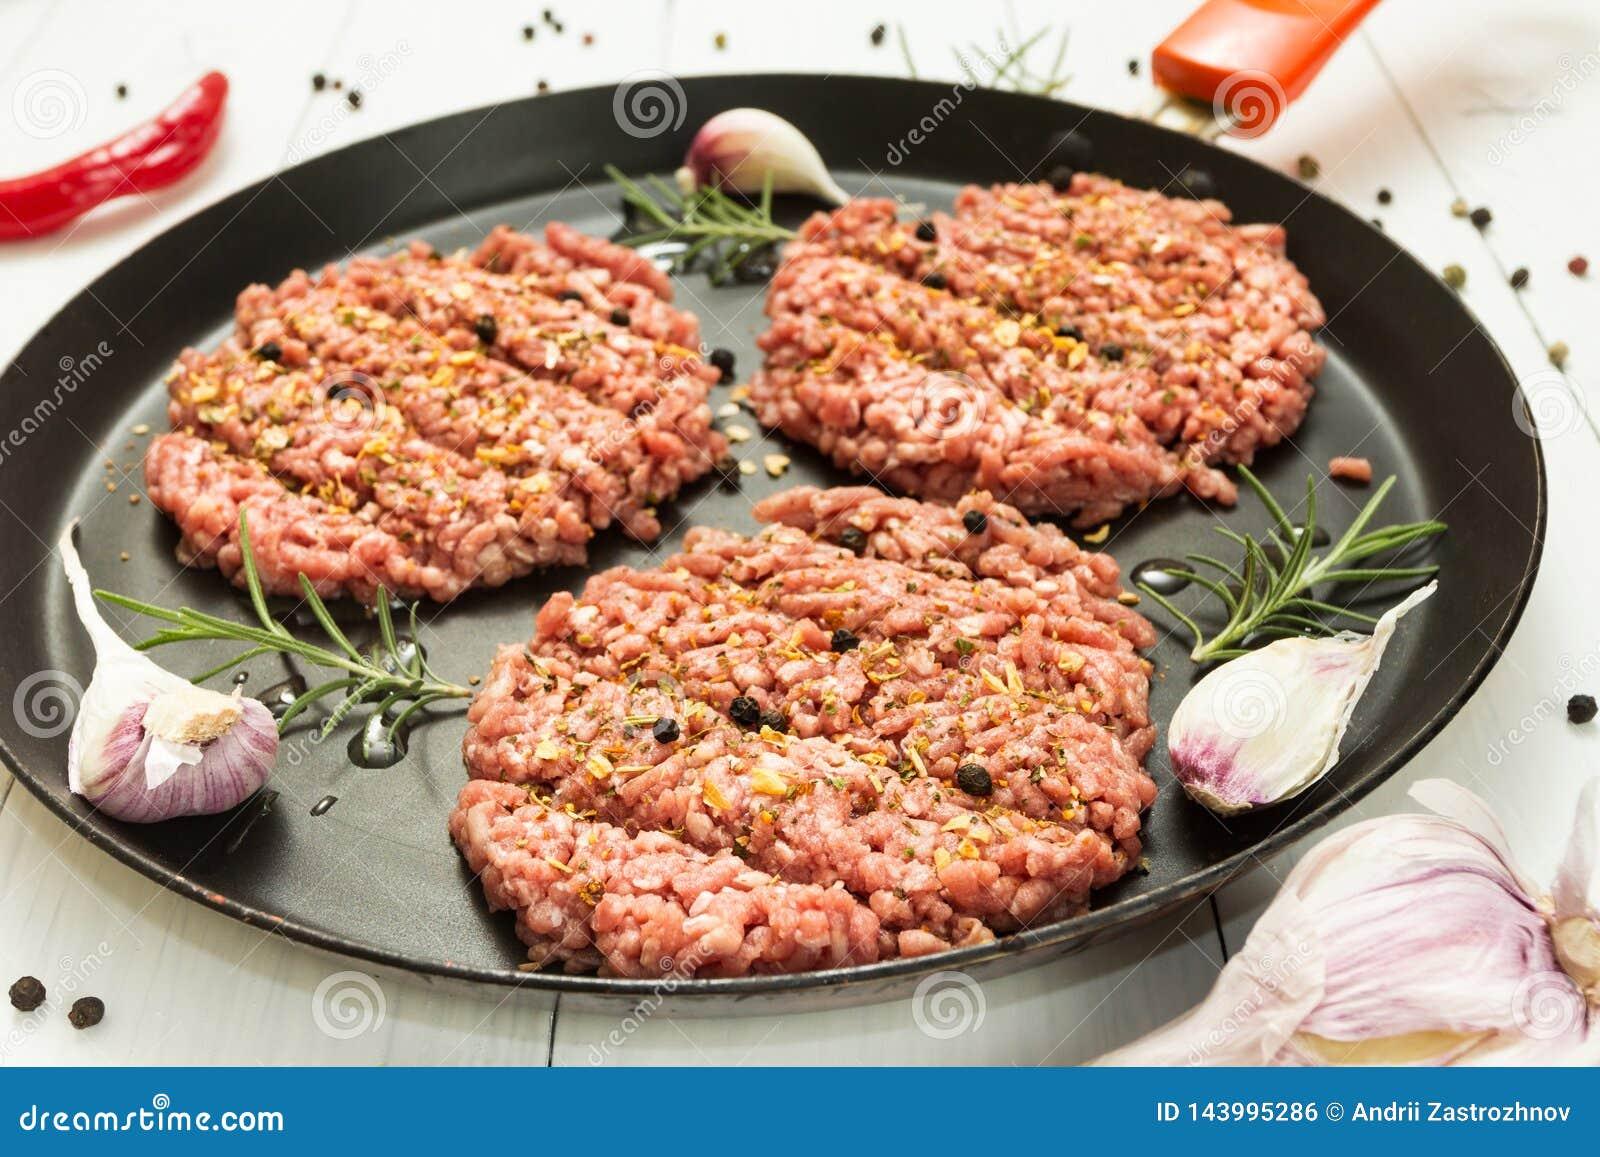 Organische rundvlees ruwe koteletten met kruiden in een pan op een witte achtergrond met knoflook, rozemarijn en peper